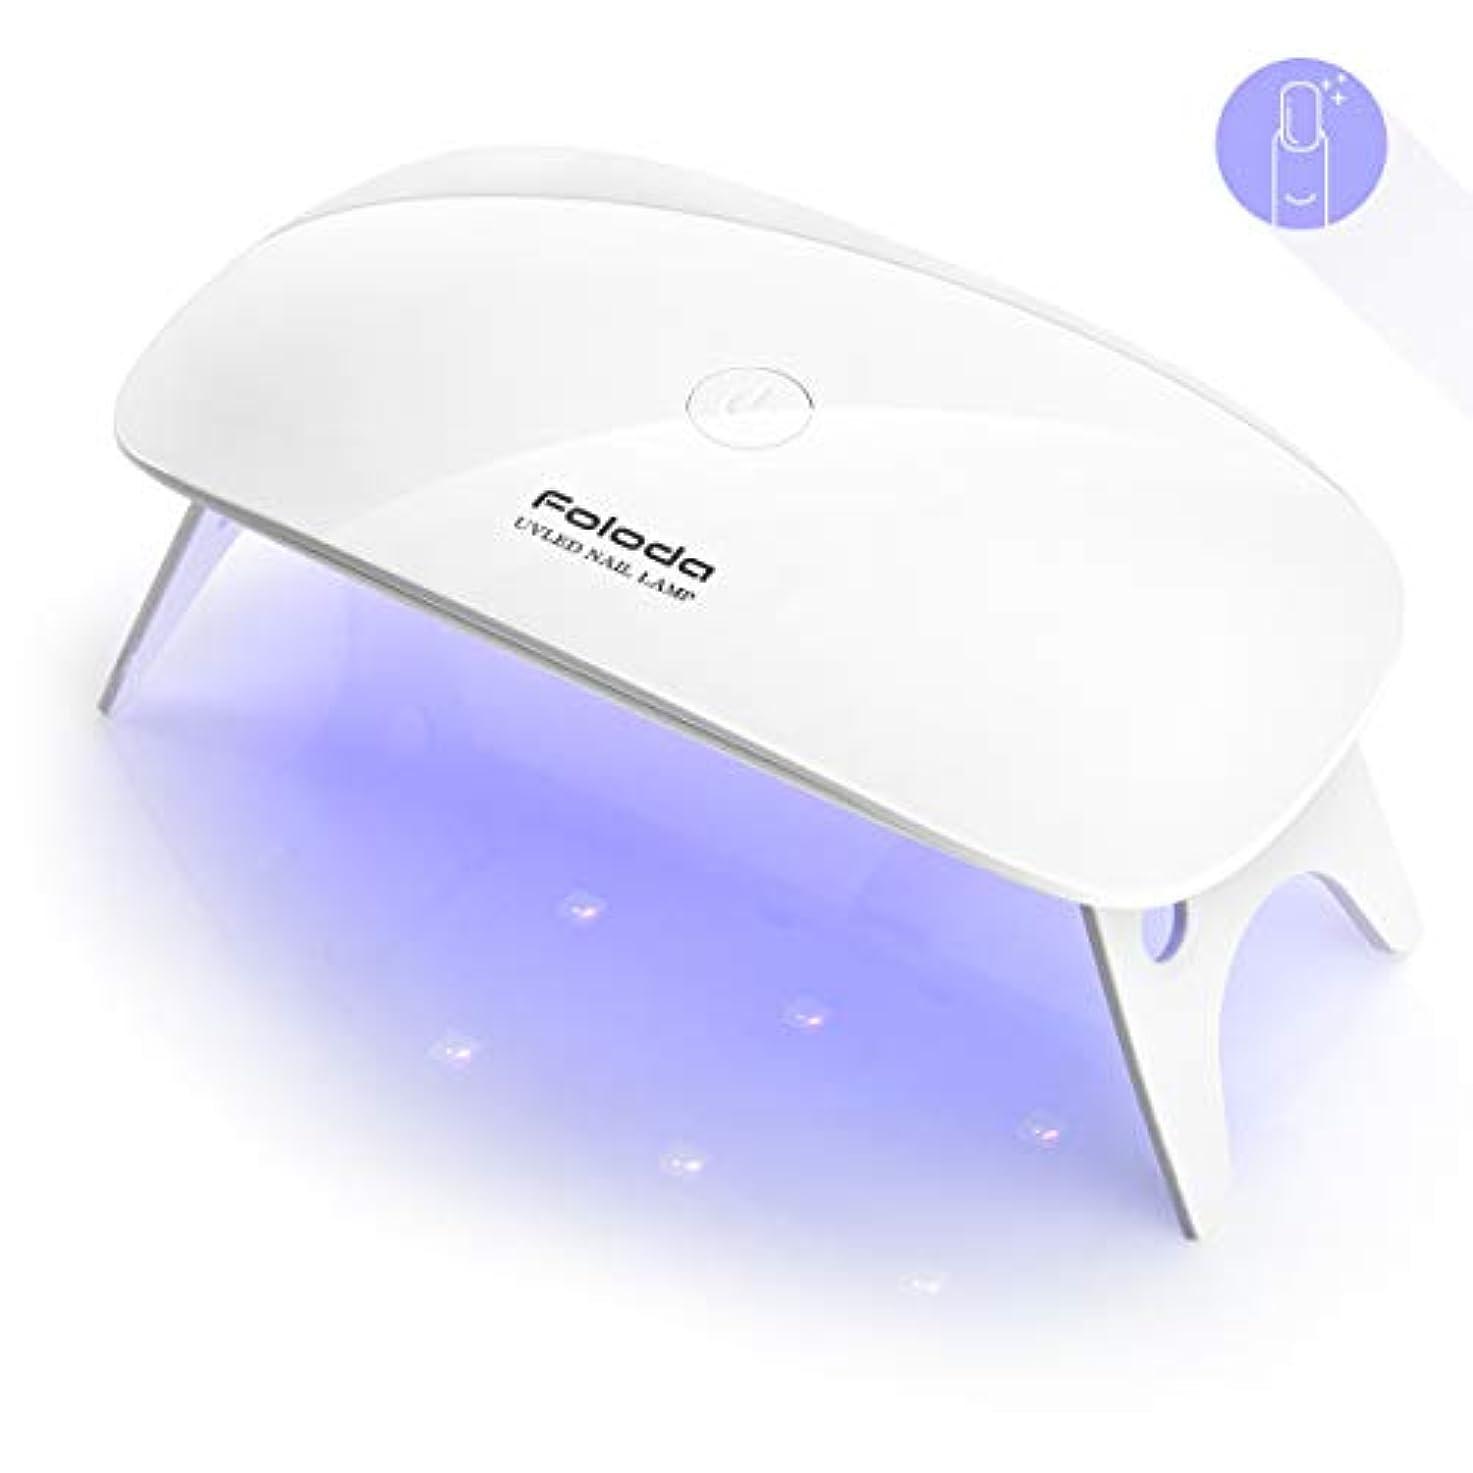 認知劇場消費LEDネイルドライヤー UVライト Foloda タイマー設定可能 折りたたみ式手足とも使える 人感センサー式 LED 硬化ライト UV と LEDダブルライト ジェルネイル用 ホワイト (white)